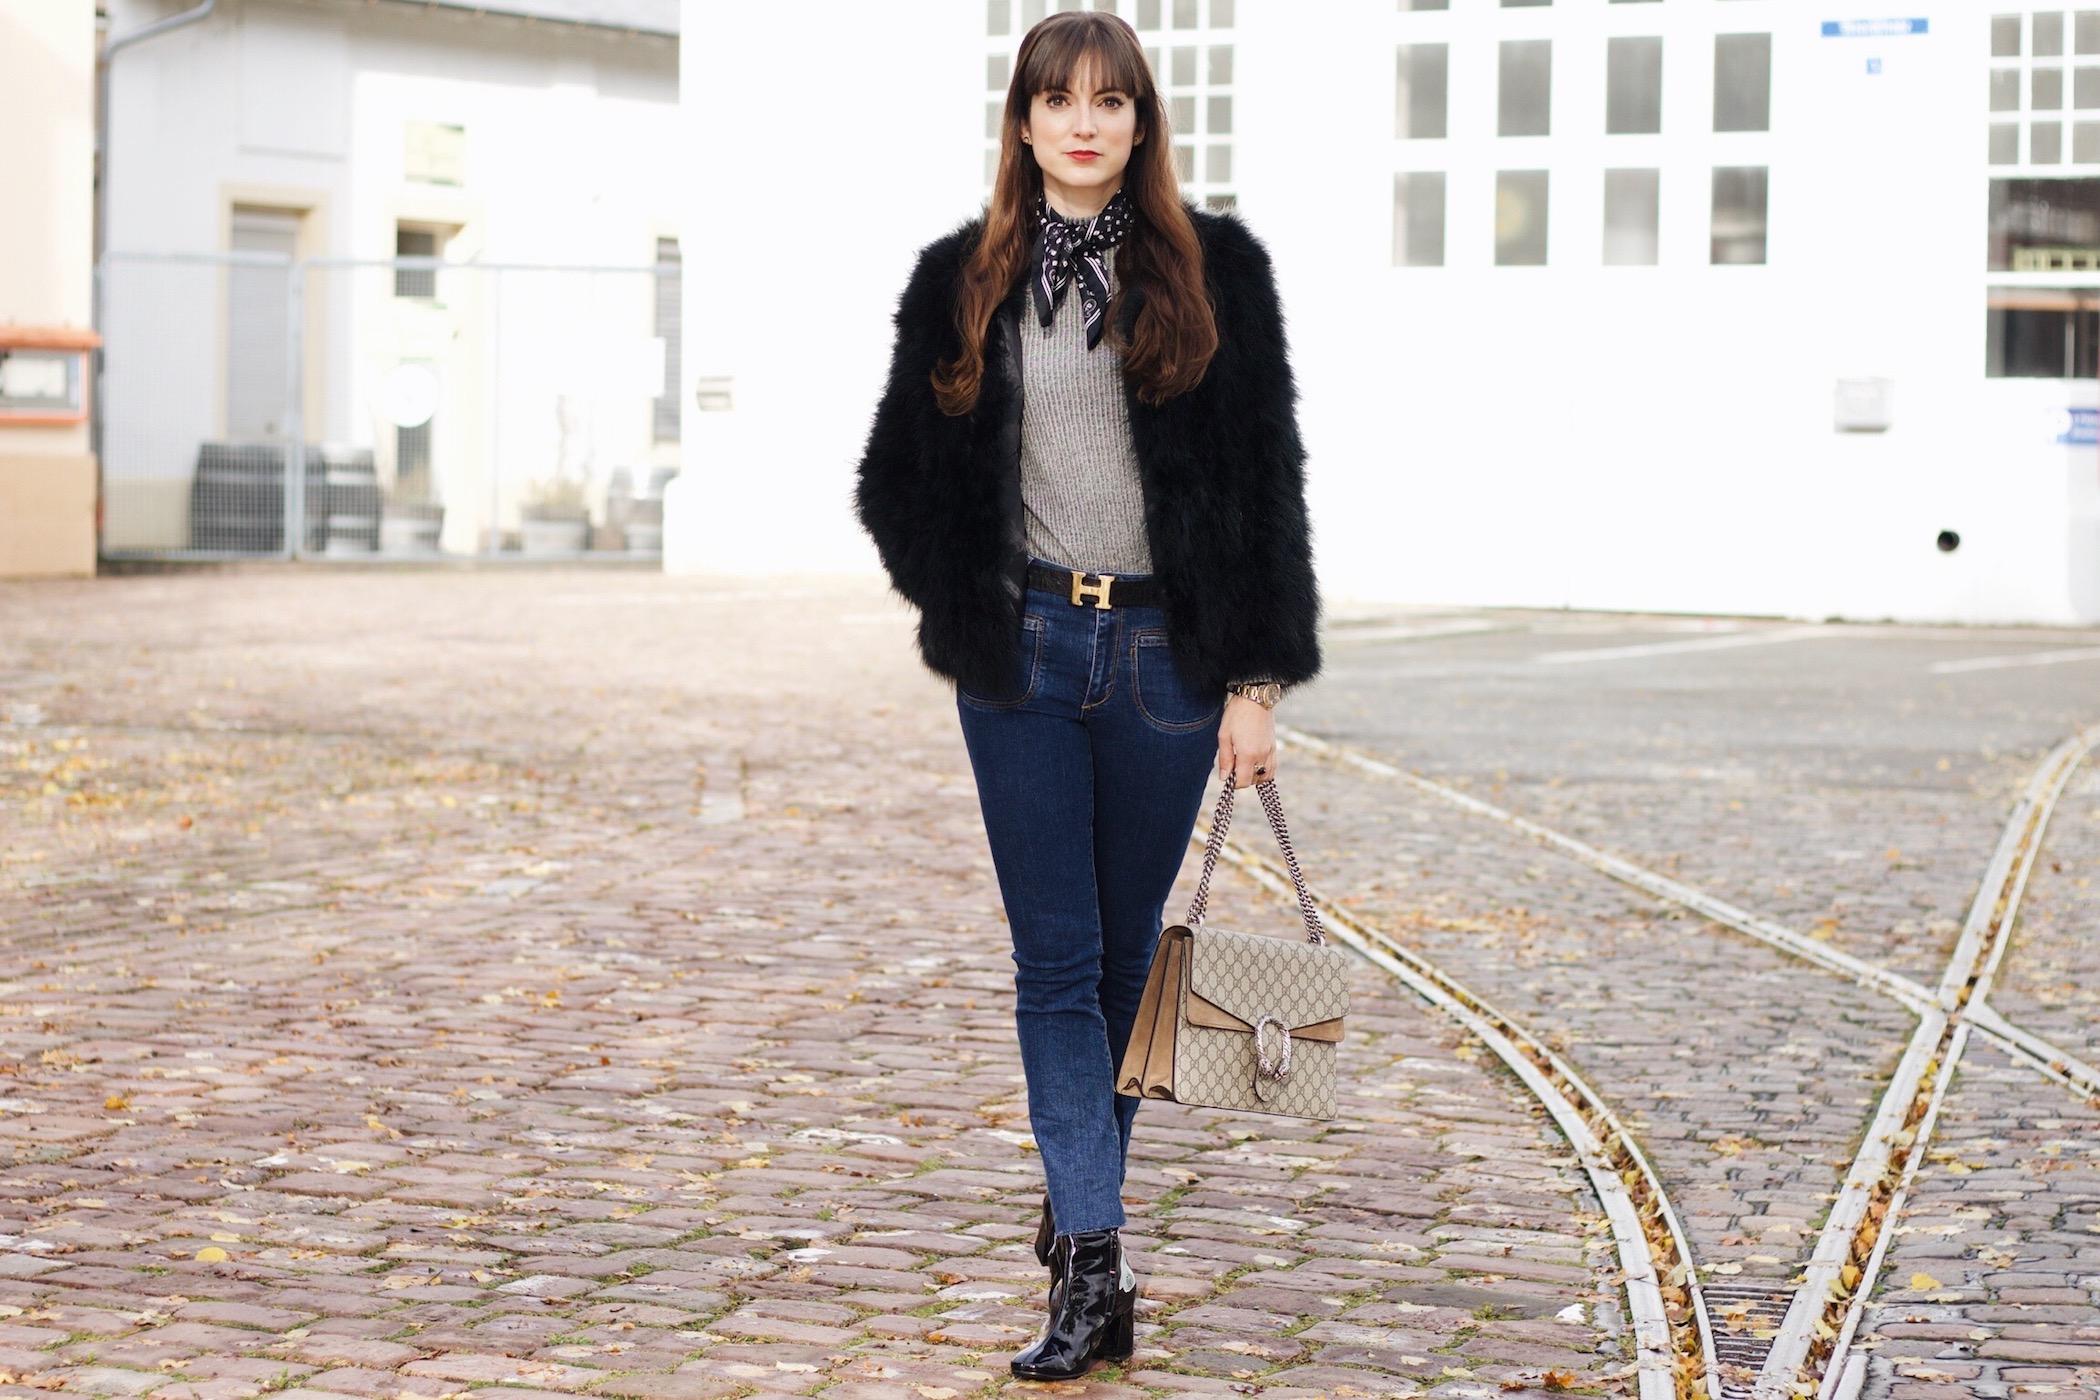 Felljacke Federjacke von Pello Bello kombiniert für meinen Modeblog